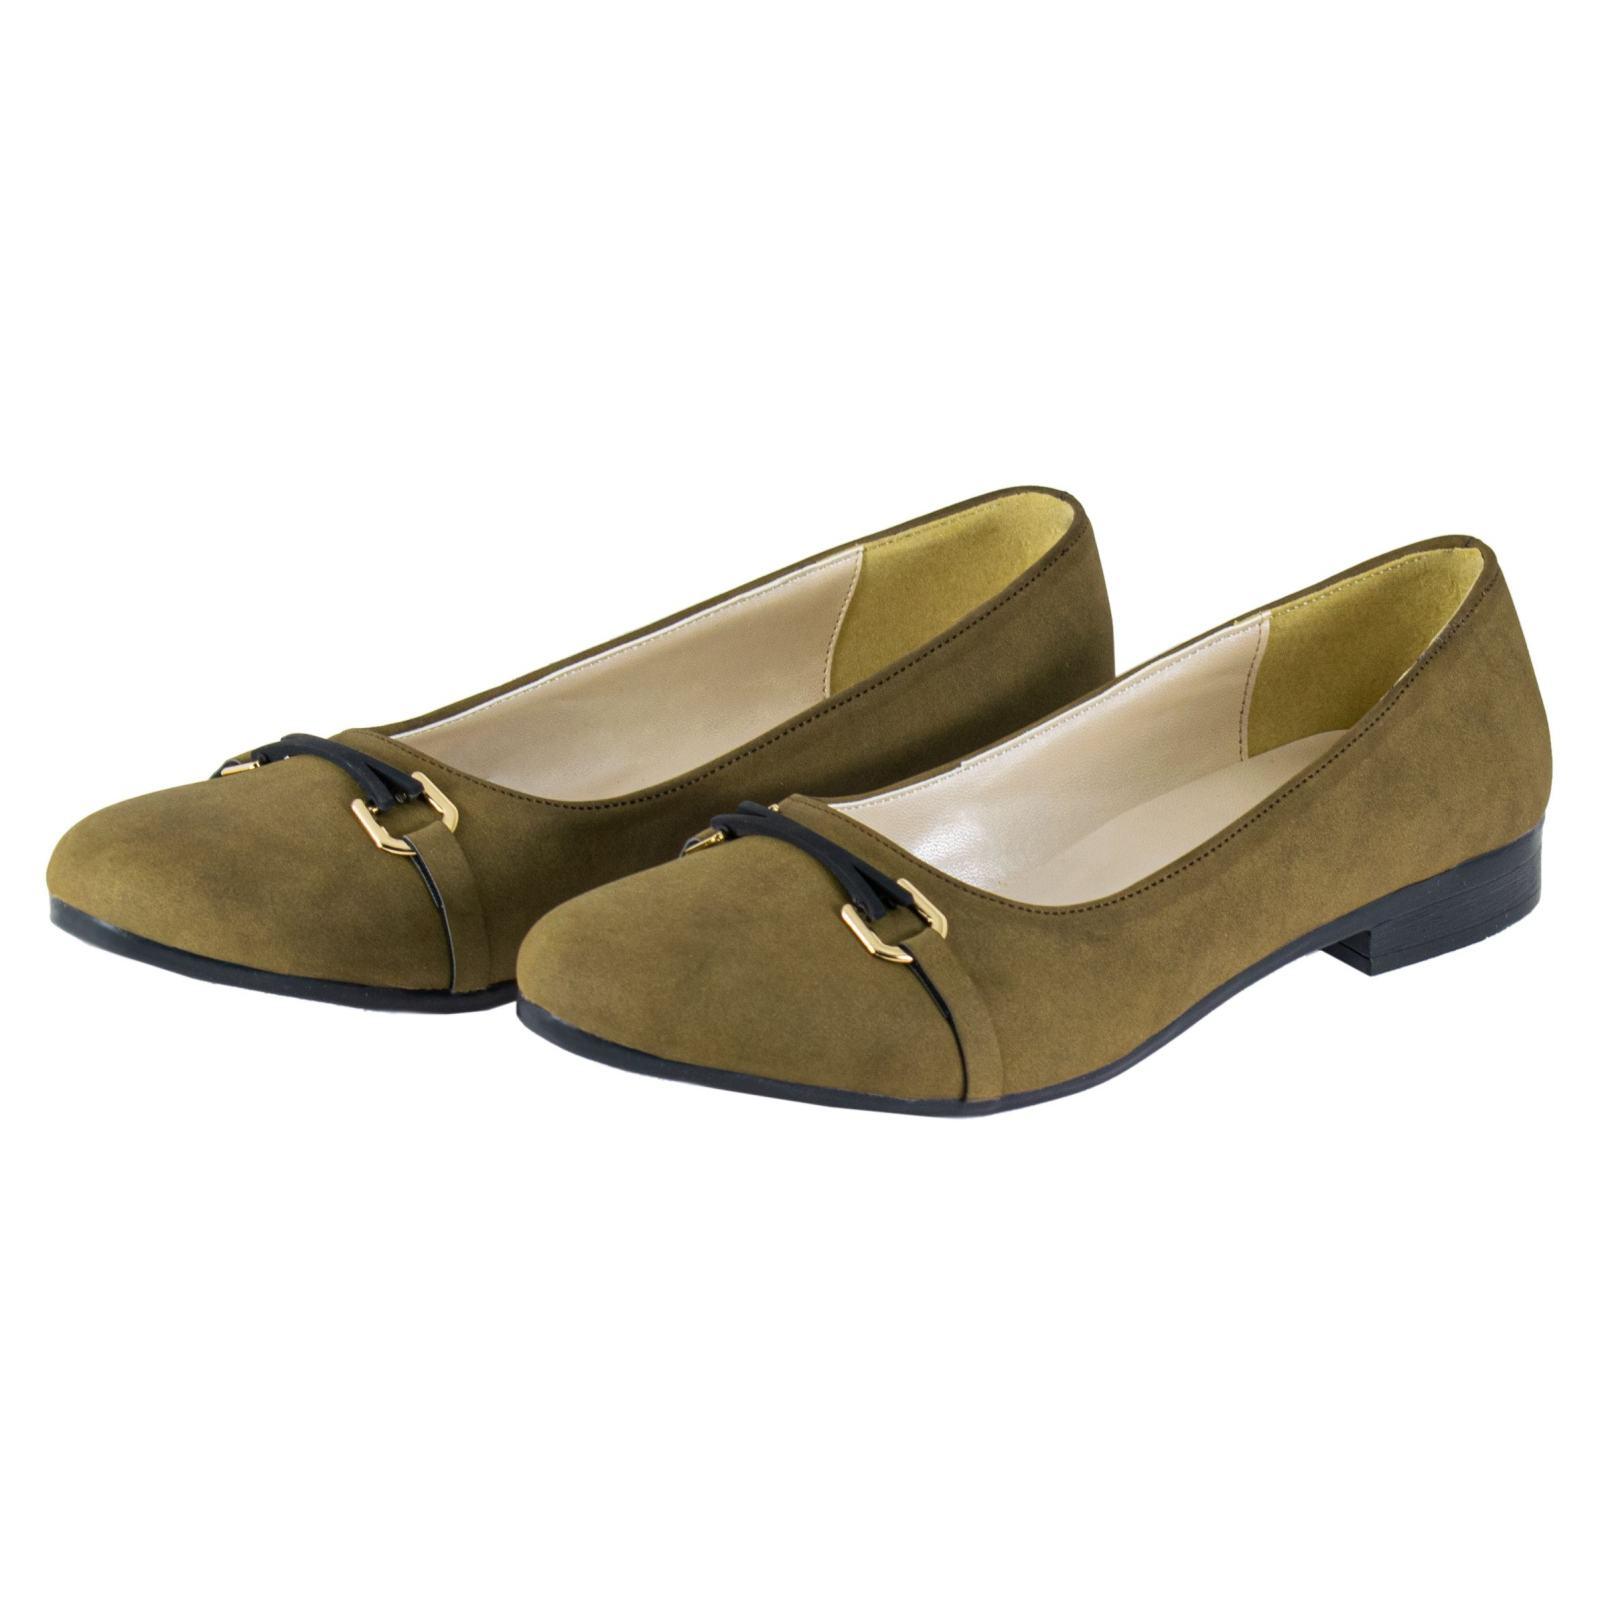 کفش زنانه آذاردو مدل W05403  main 1 2